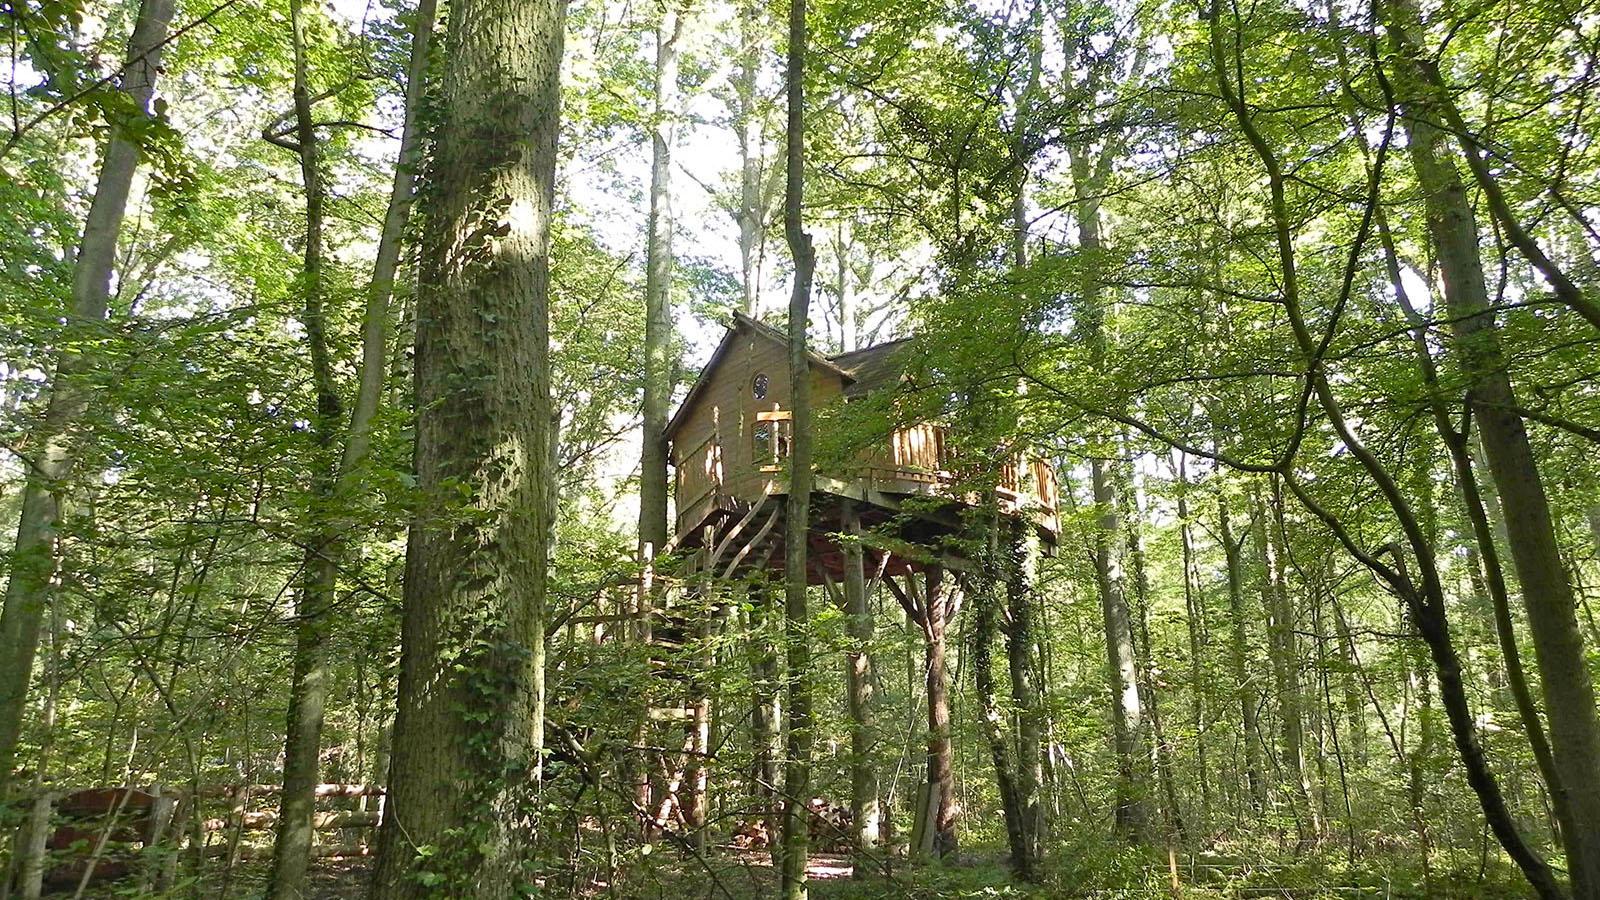 Cabane dans les arbres à Saint-Amand-les-Eaux dans le Nord